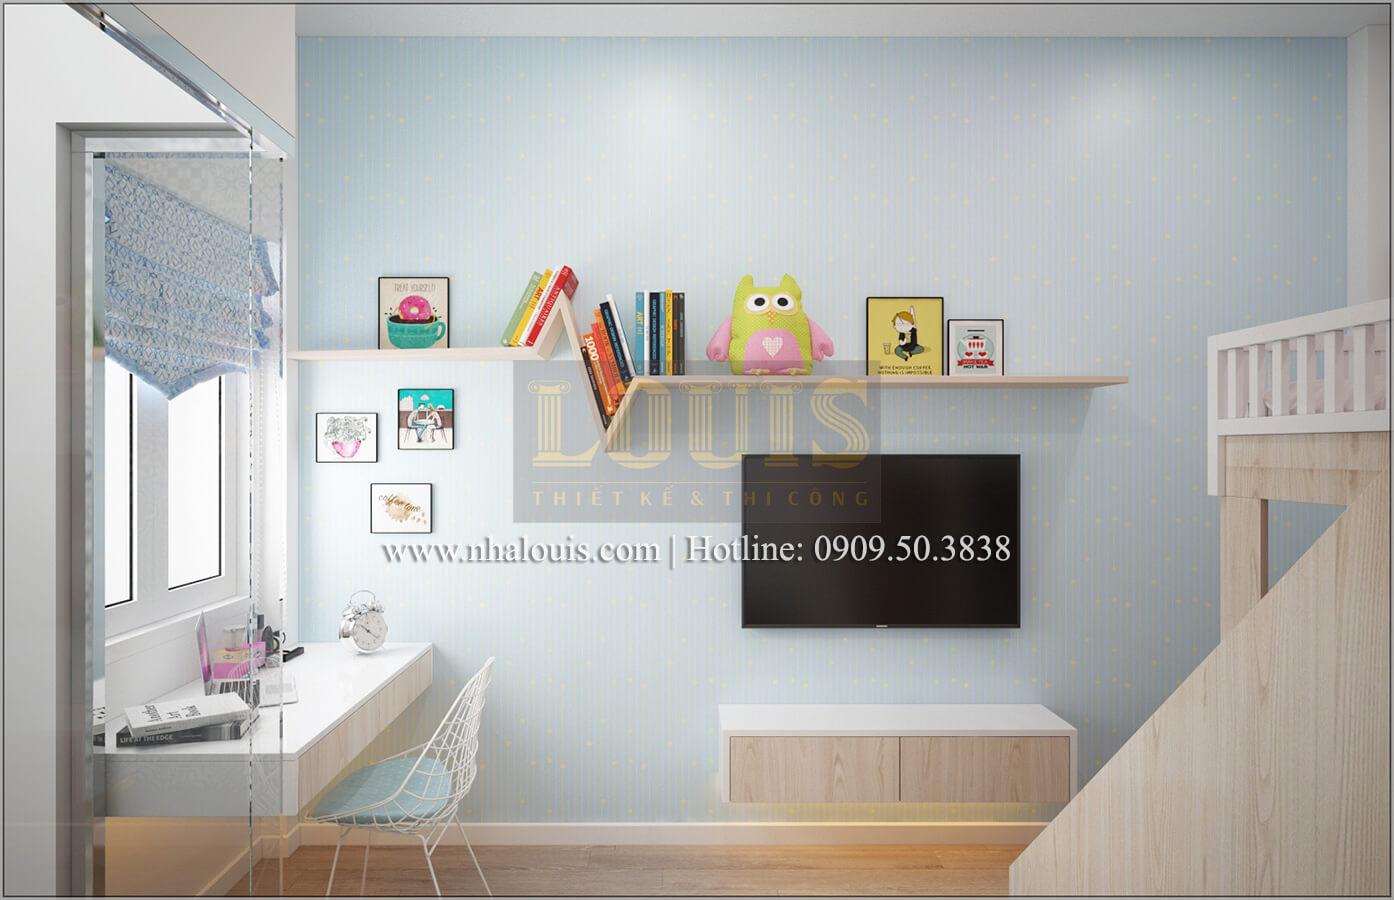 Phòng ngủ con gái nhỏ Thiết kế nhà ống 4 tầng đầy đủ công năng hiện đại tại quận 3